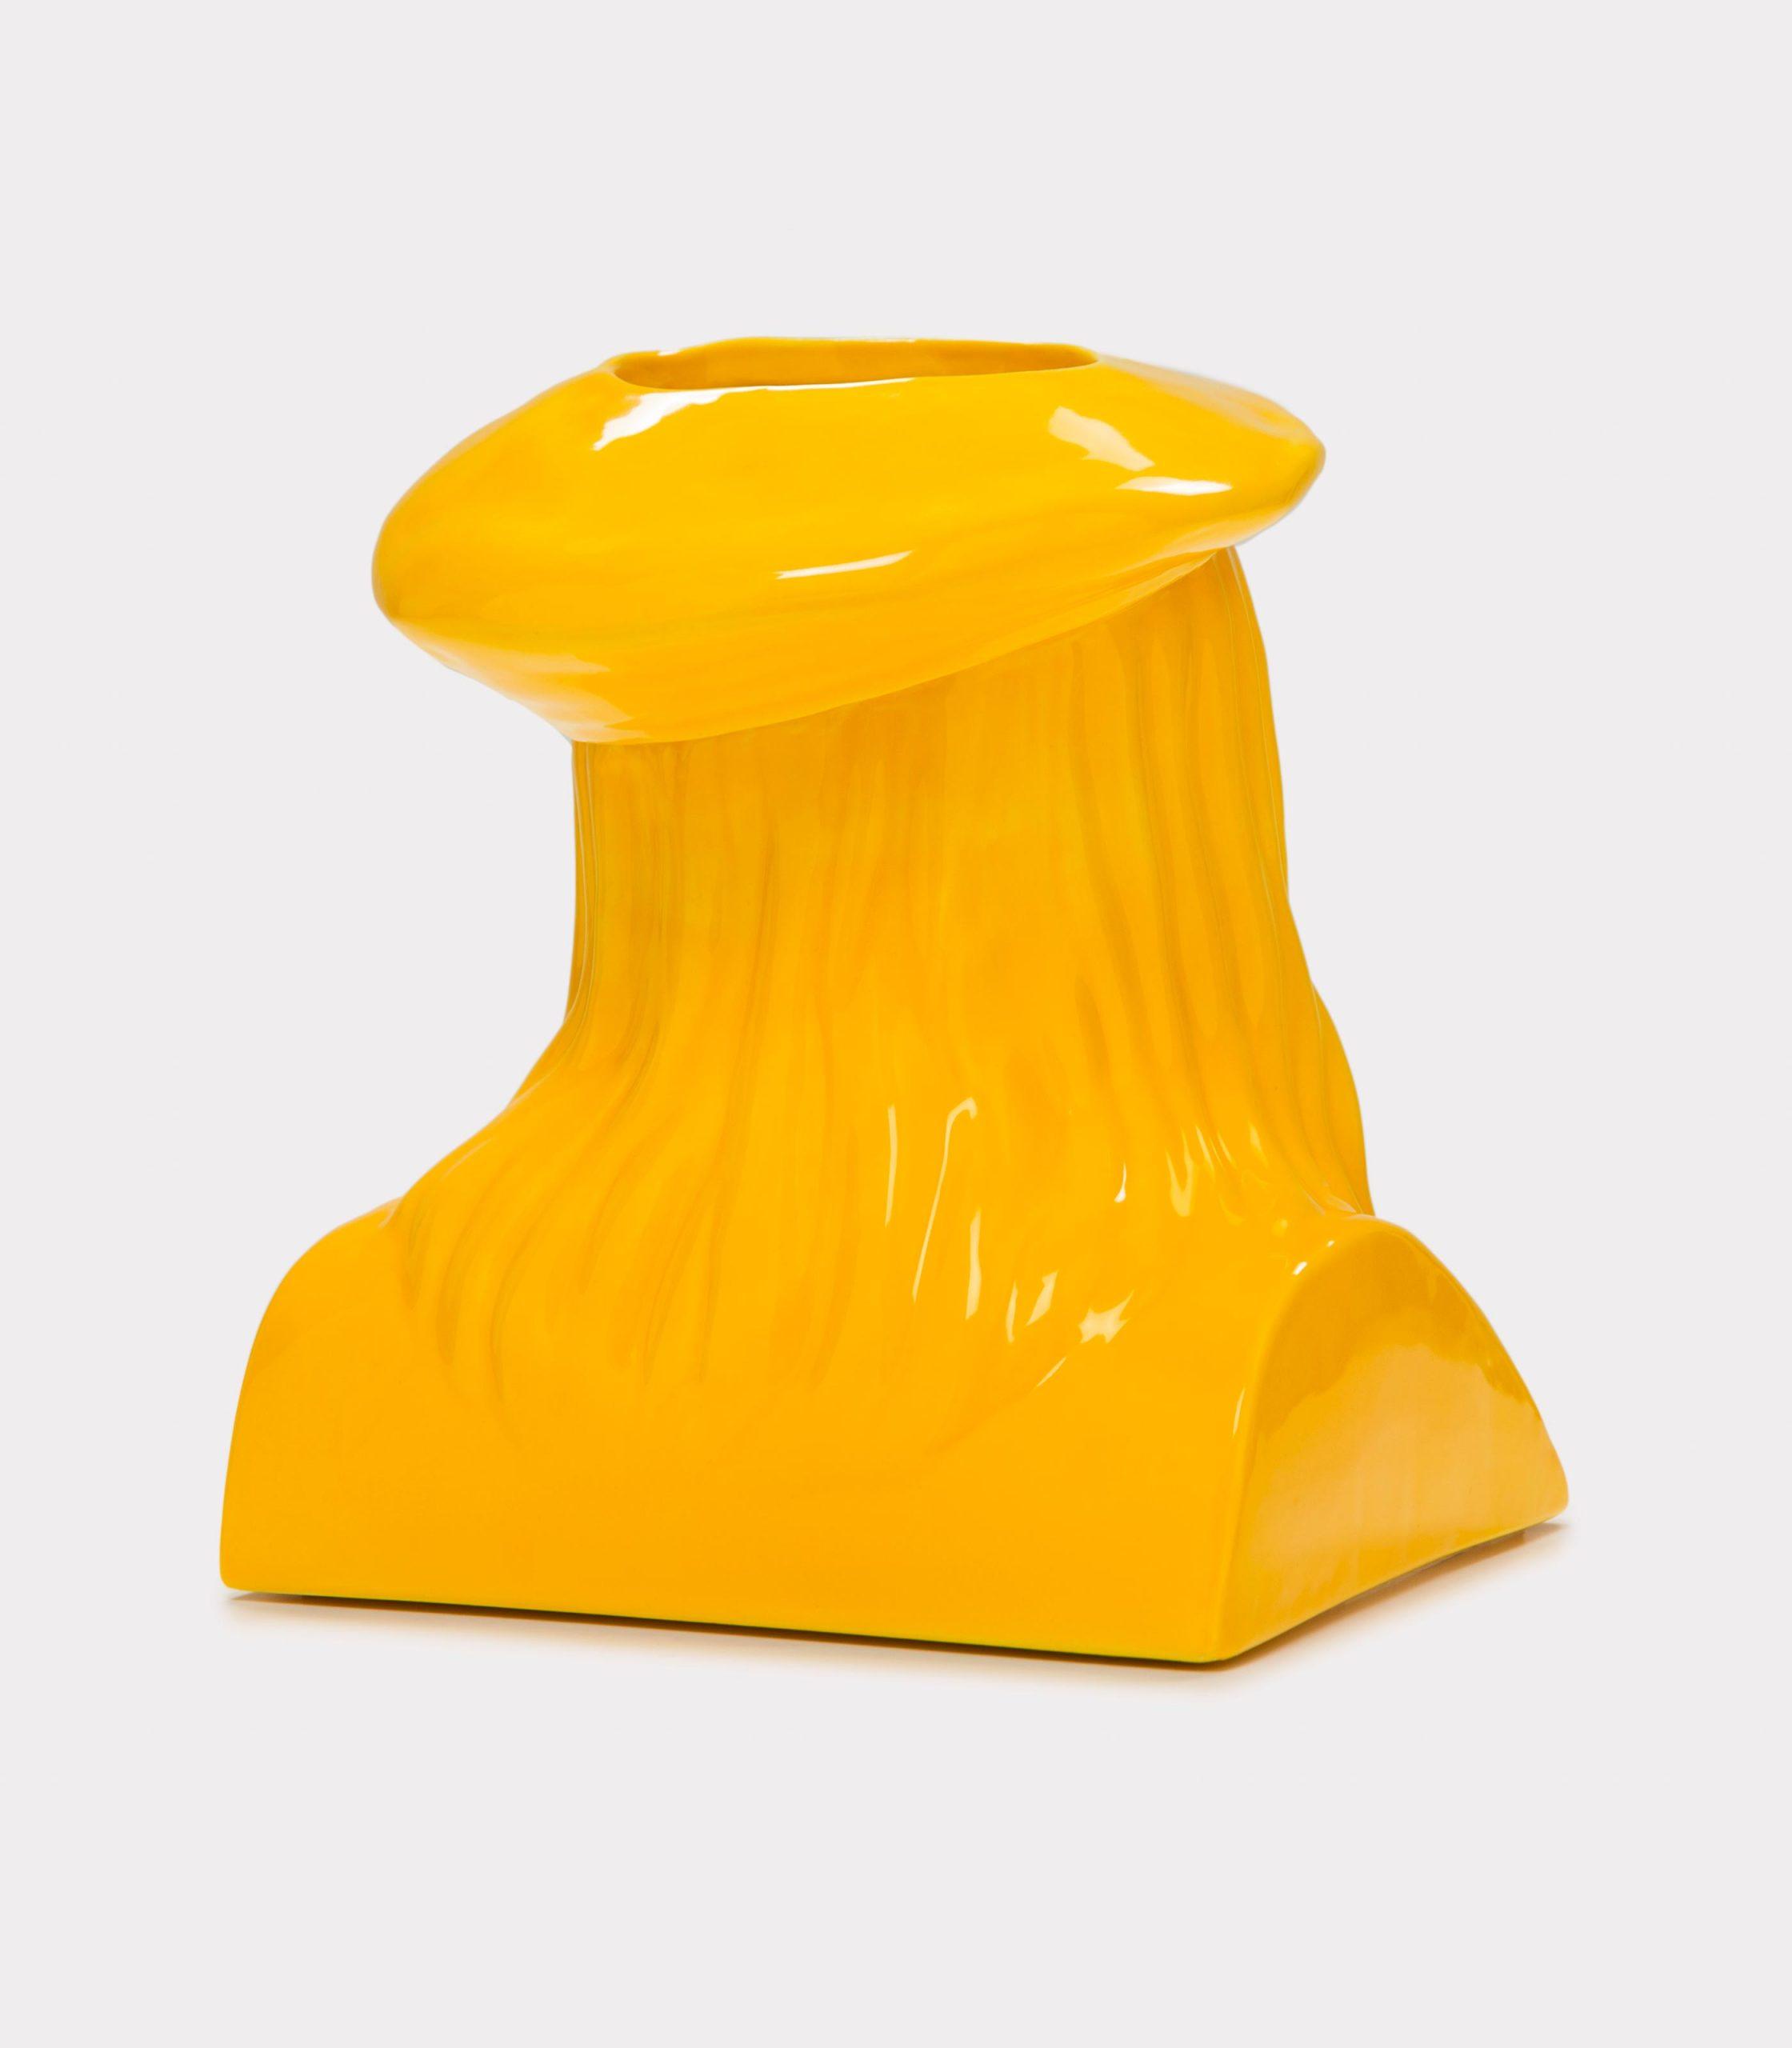 La Luisa giallo loopo milano design R